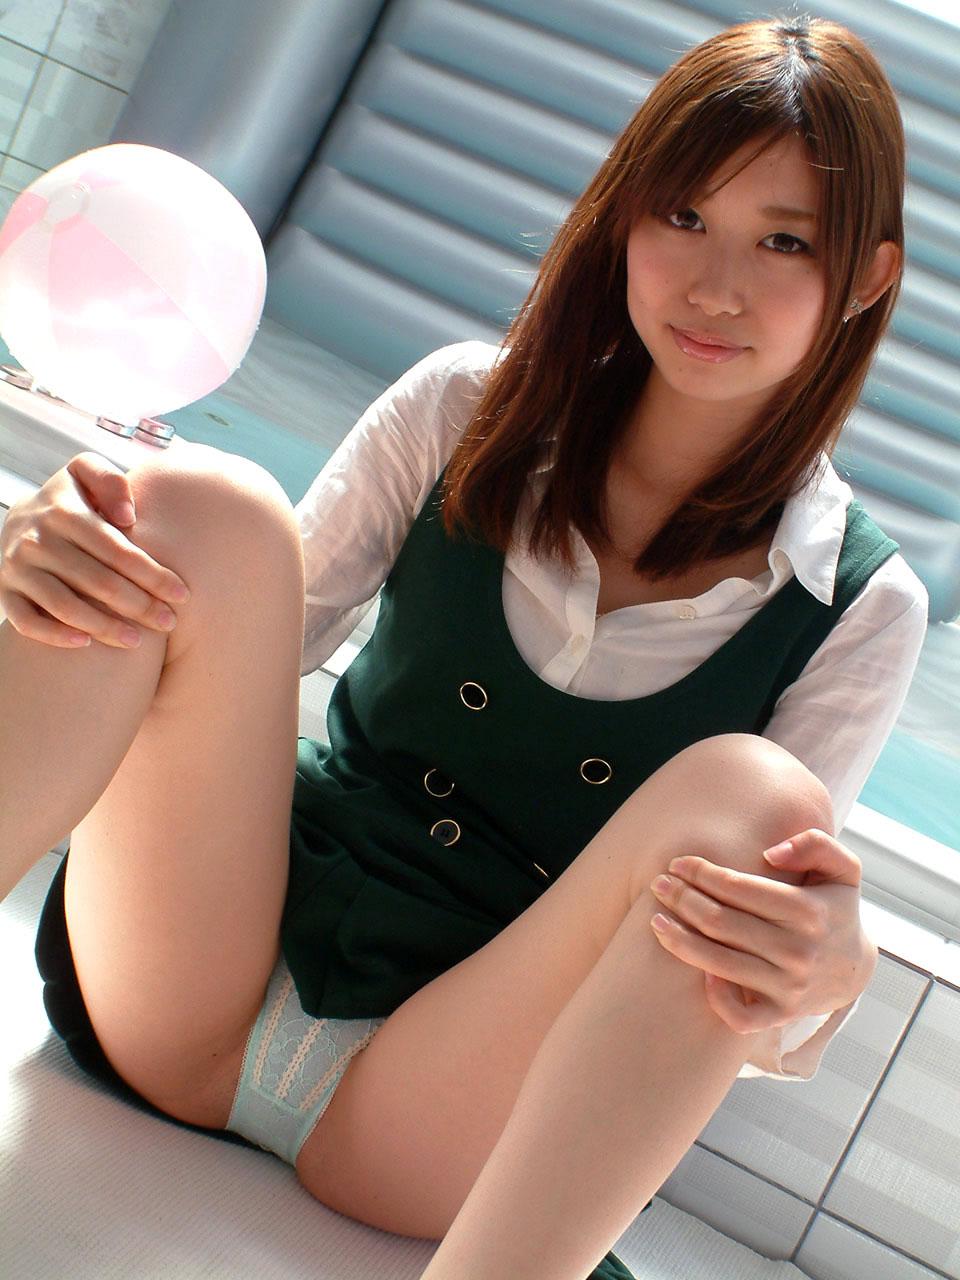 natsume inagawa sexy photos 02